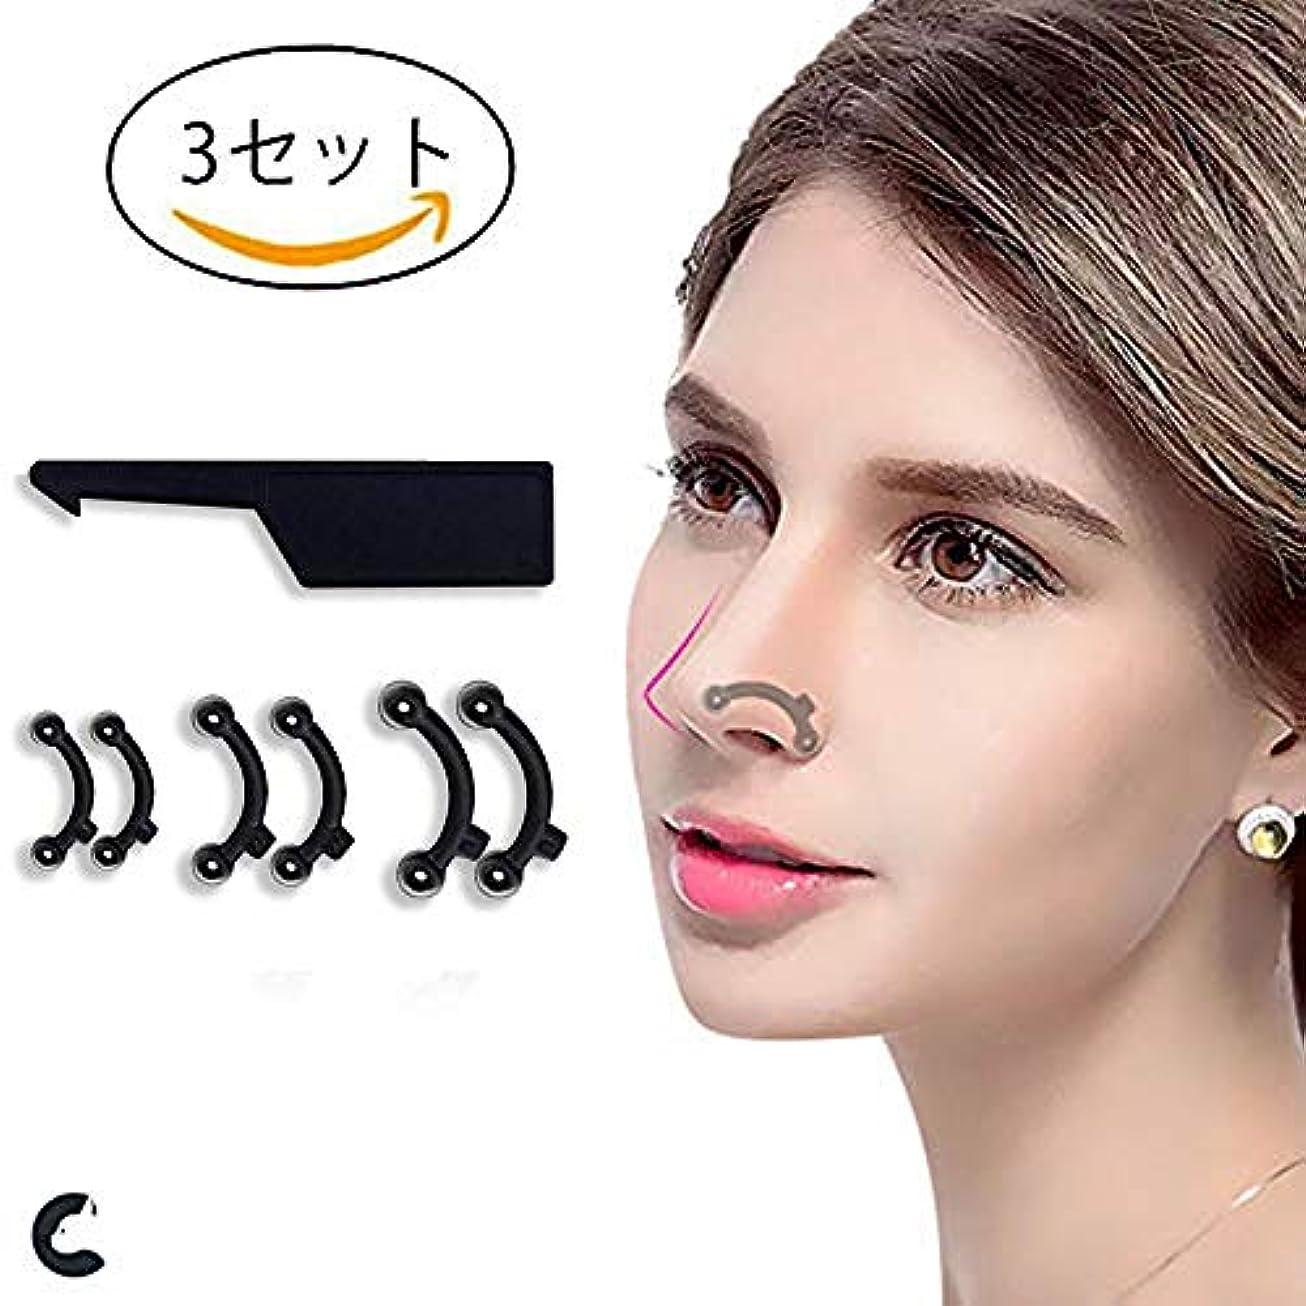 発表するためらう細部ROOFTOPS 3サイズセット 鼻クリップ ノーズクリップ 鼻プチ 柔軟性高く ハナのアイプチ ビューティー正規品 矯正プチ 整形せず 鼻筋矯正 23mm/24.5mm/26mm全